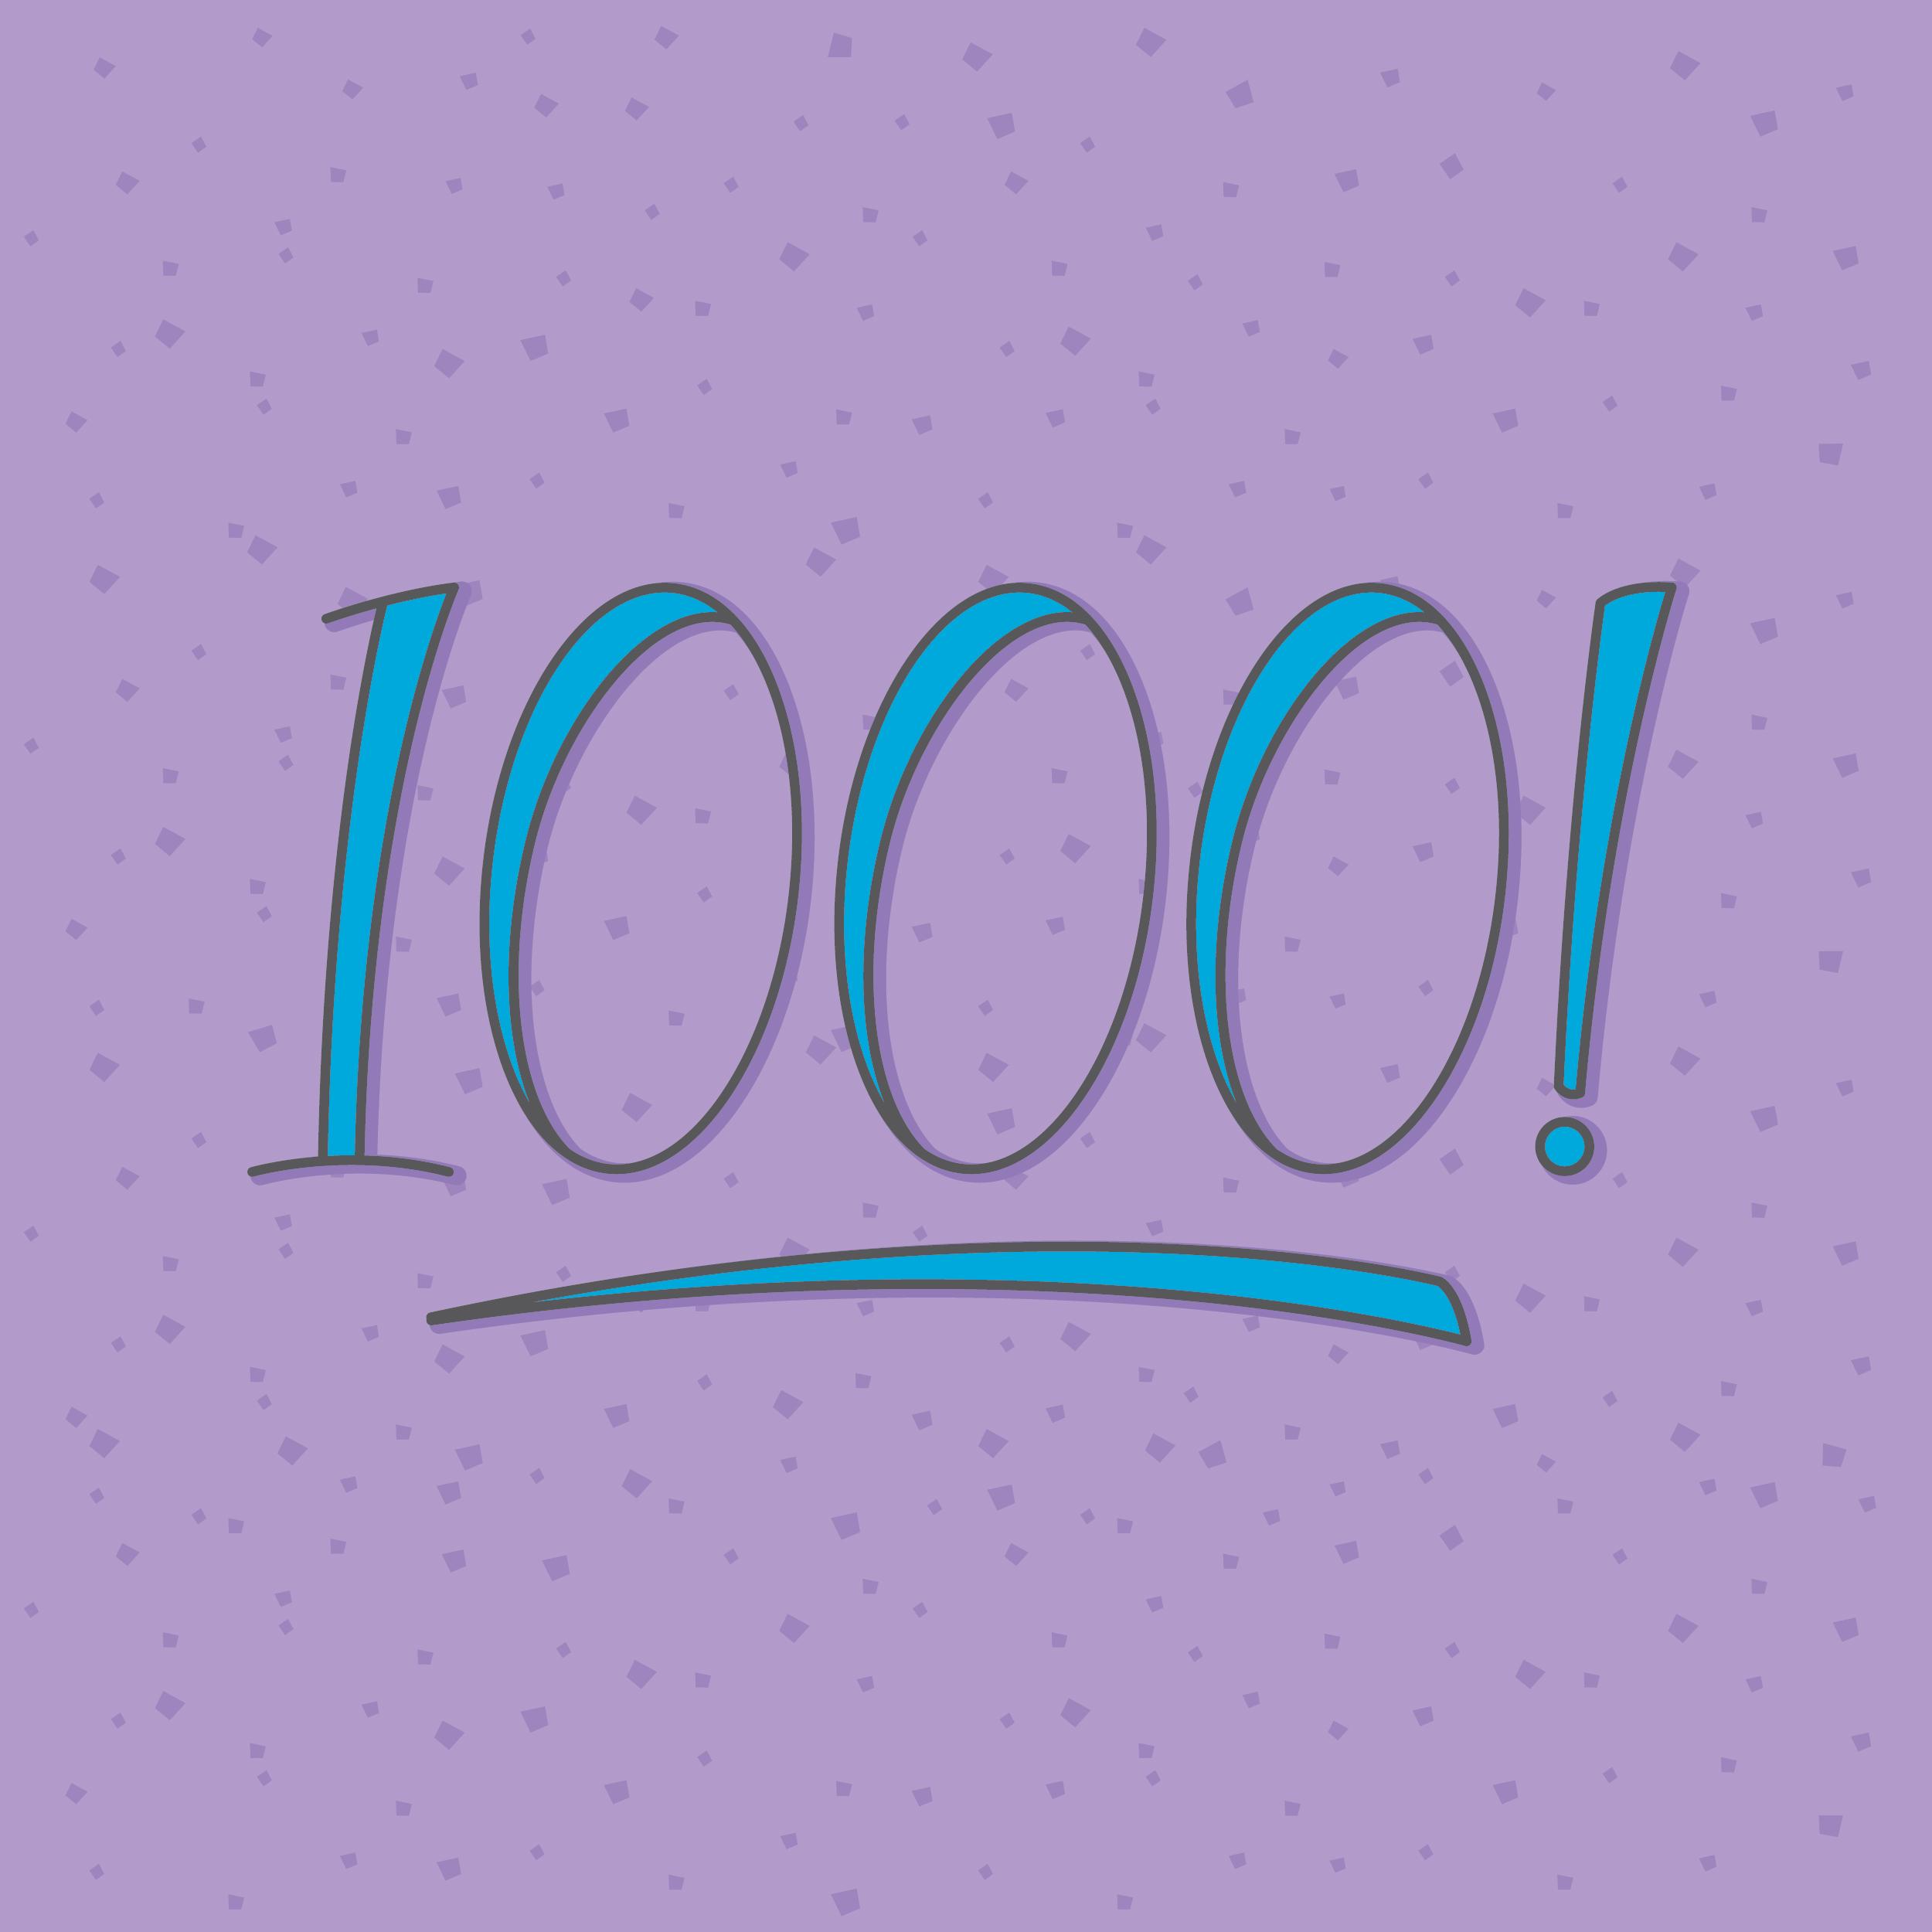 1000!-01.jpg